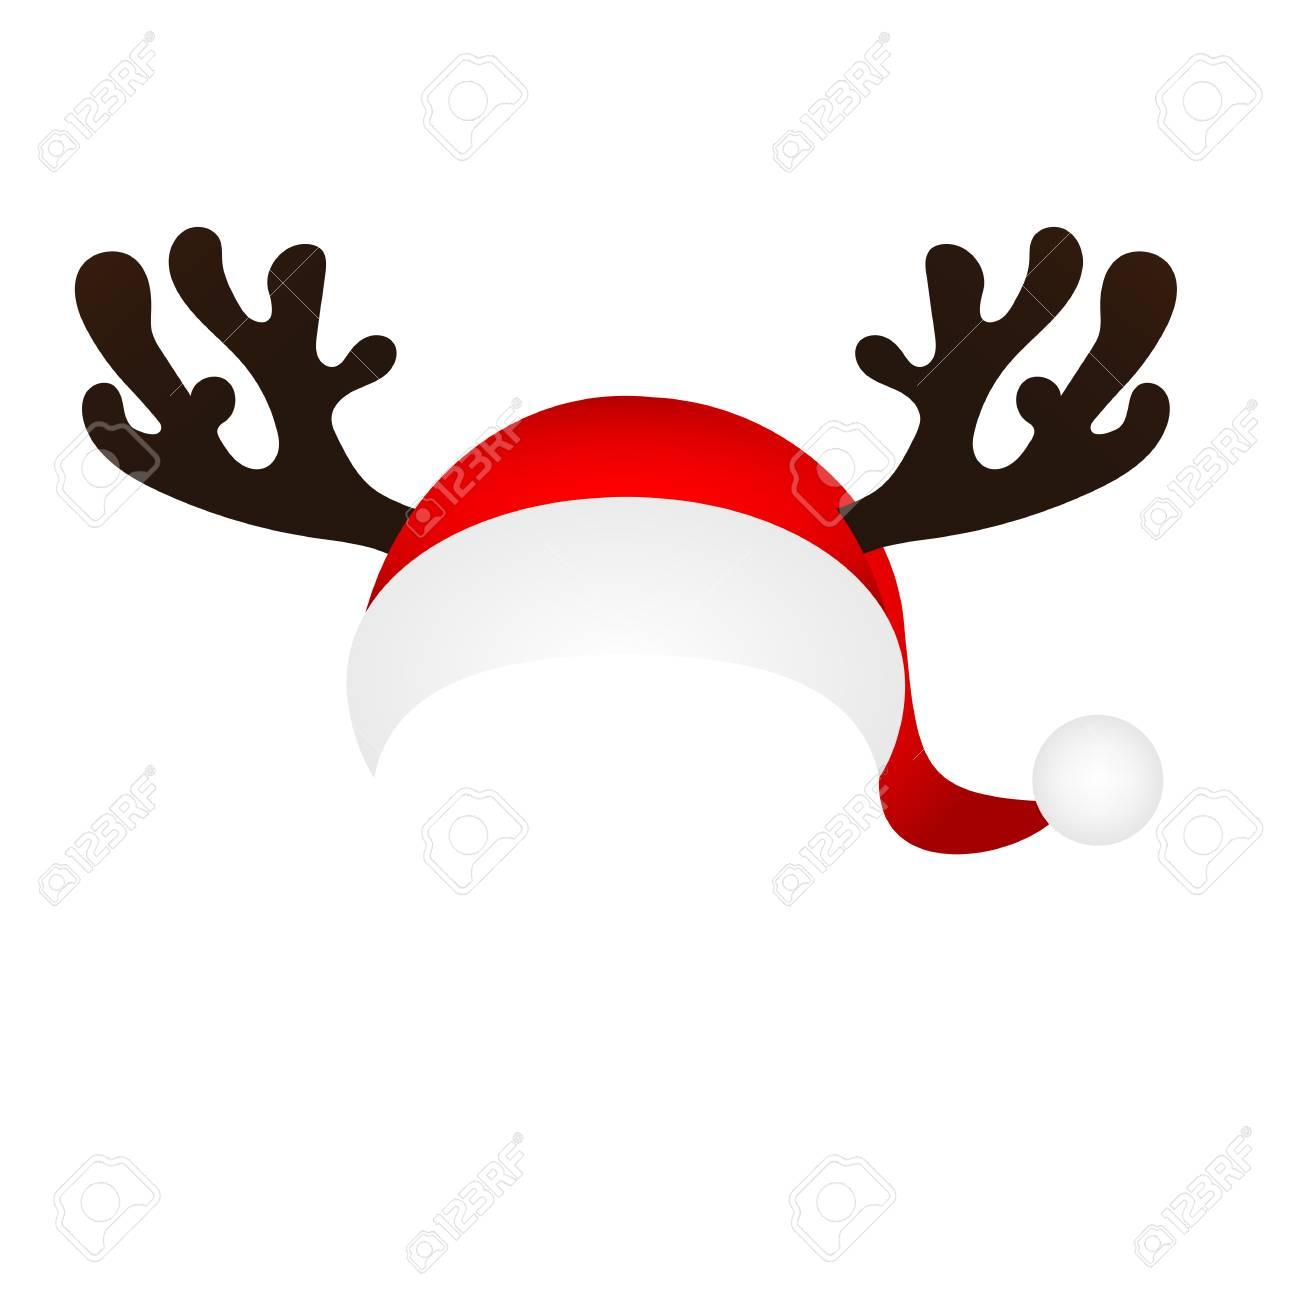 Vorlage Für Einen Spaßfoto Von Santa Claus Hut Und Horn Weihnachten